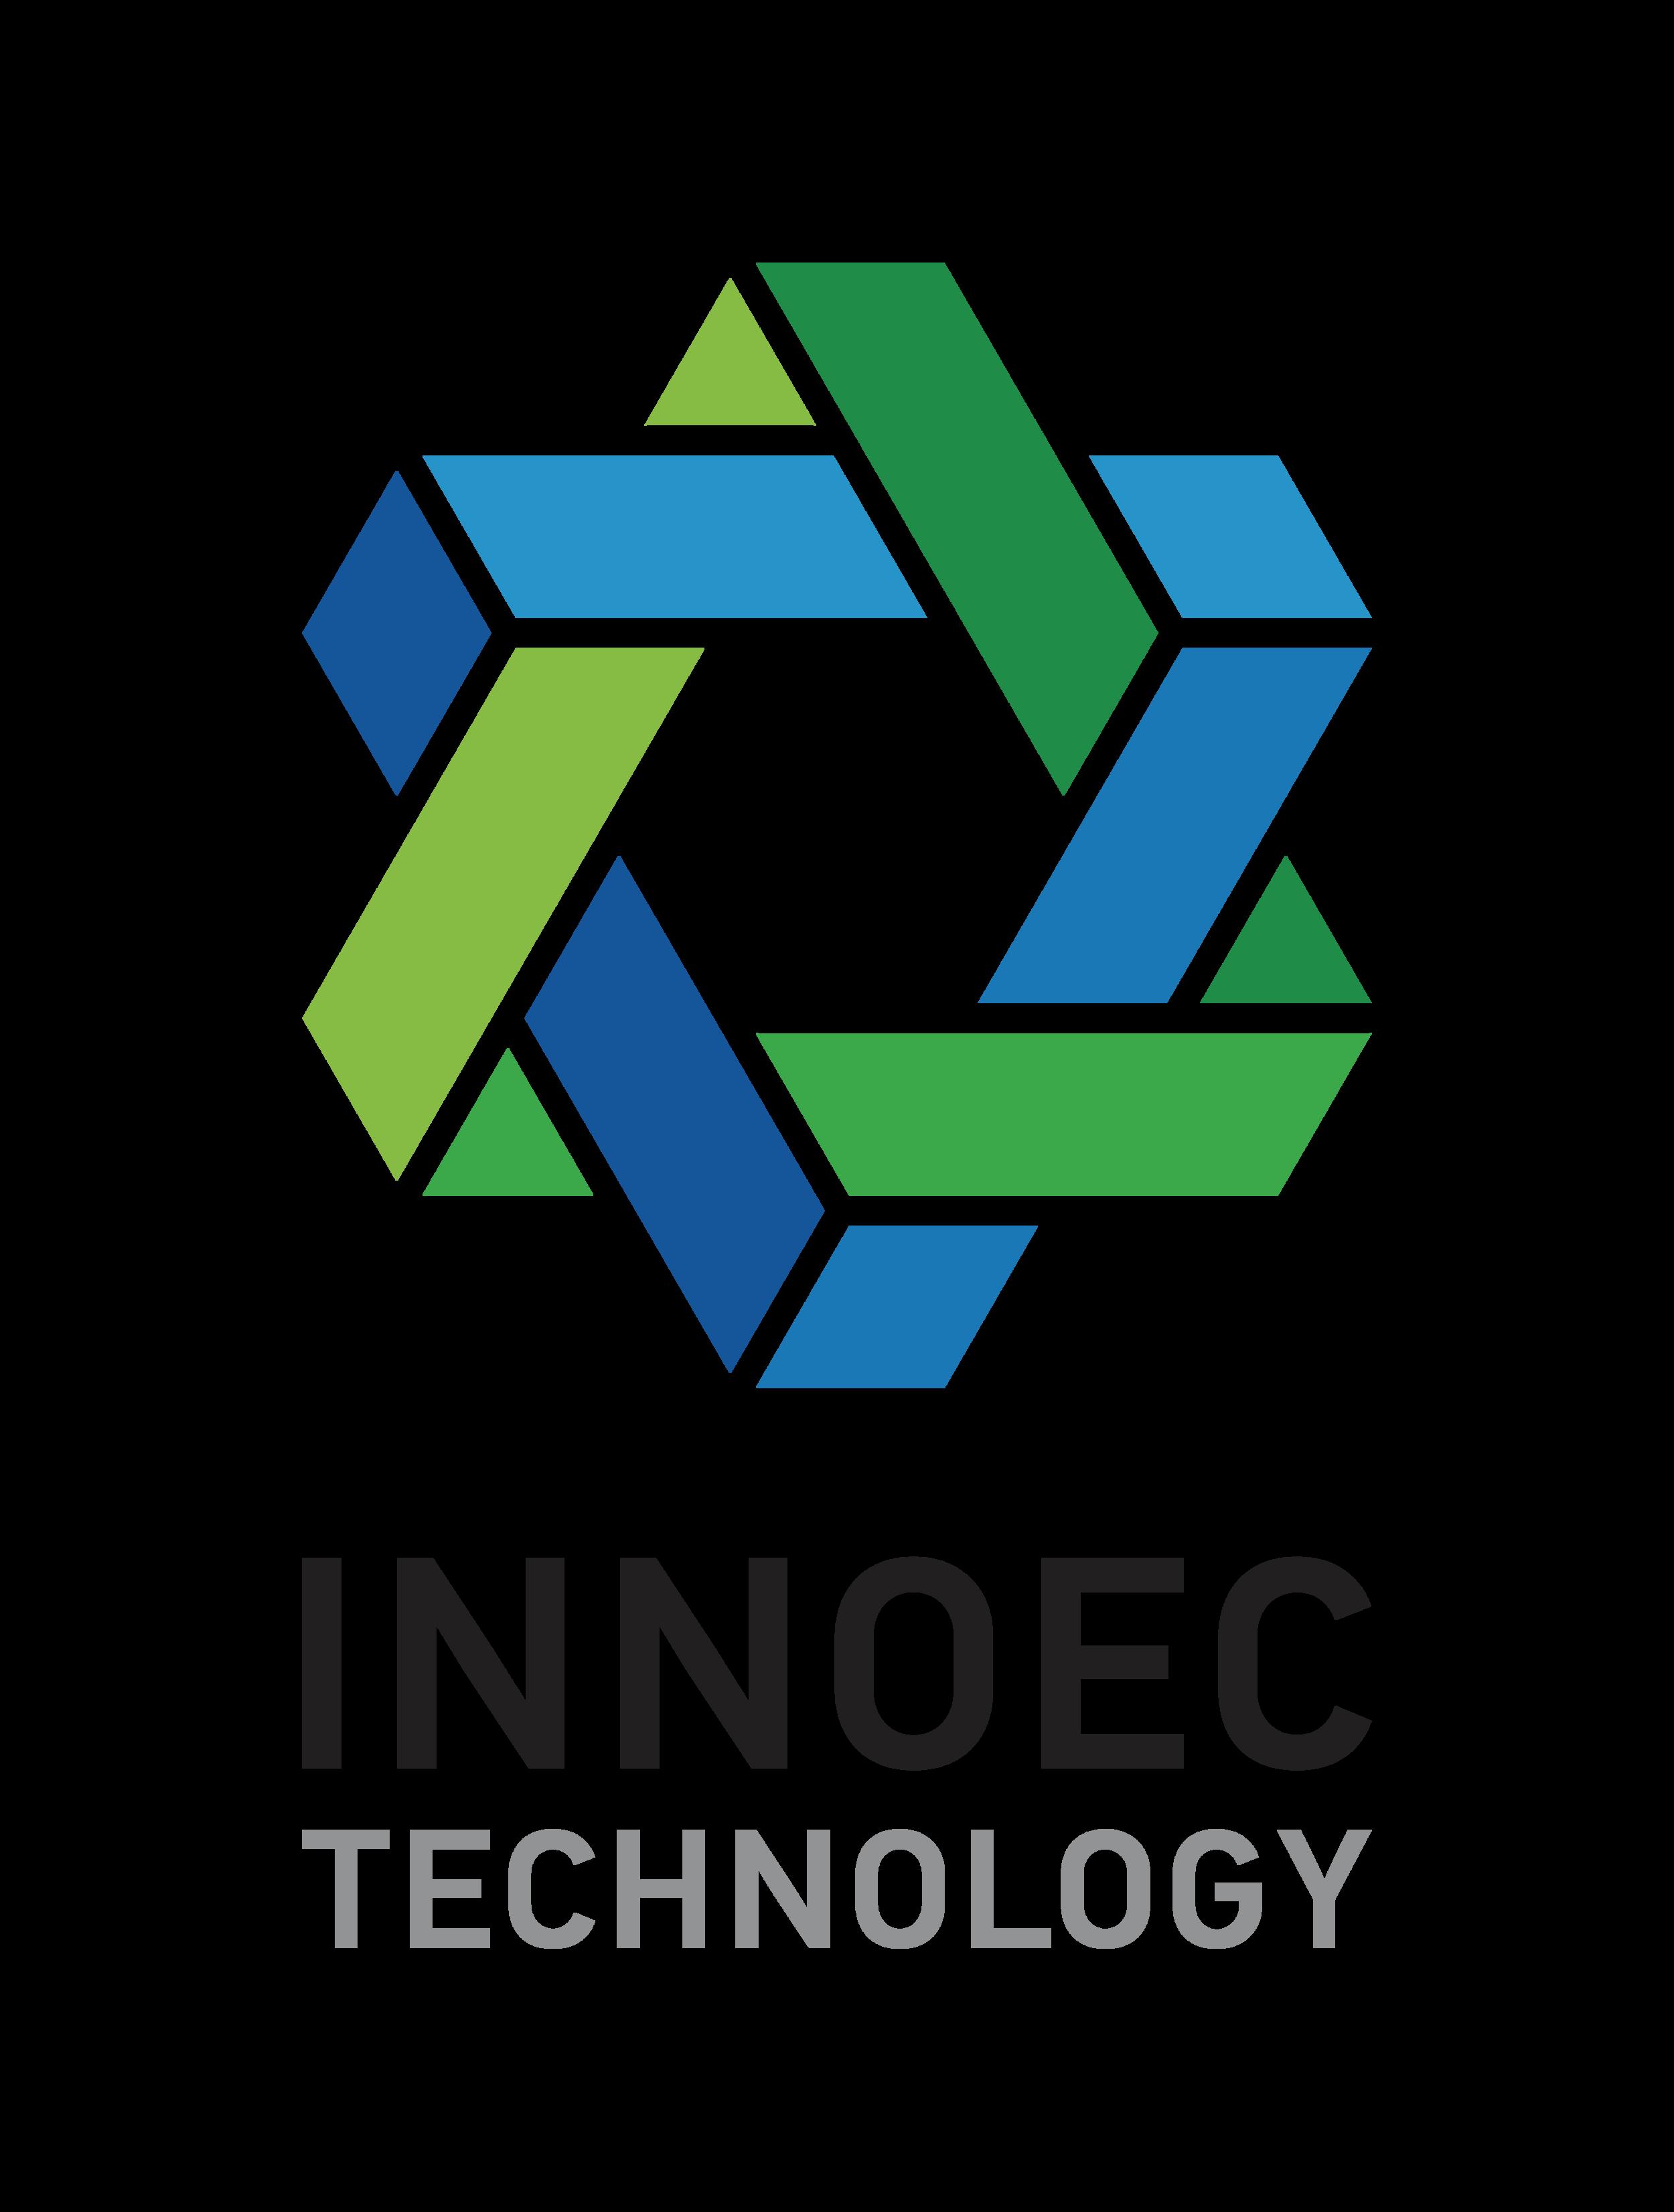 innoec-02.png